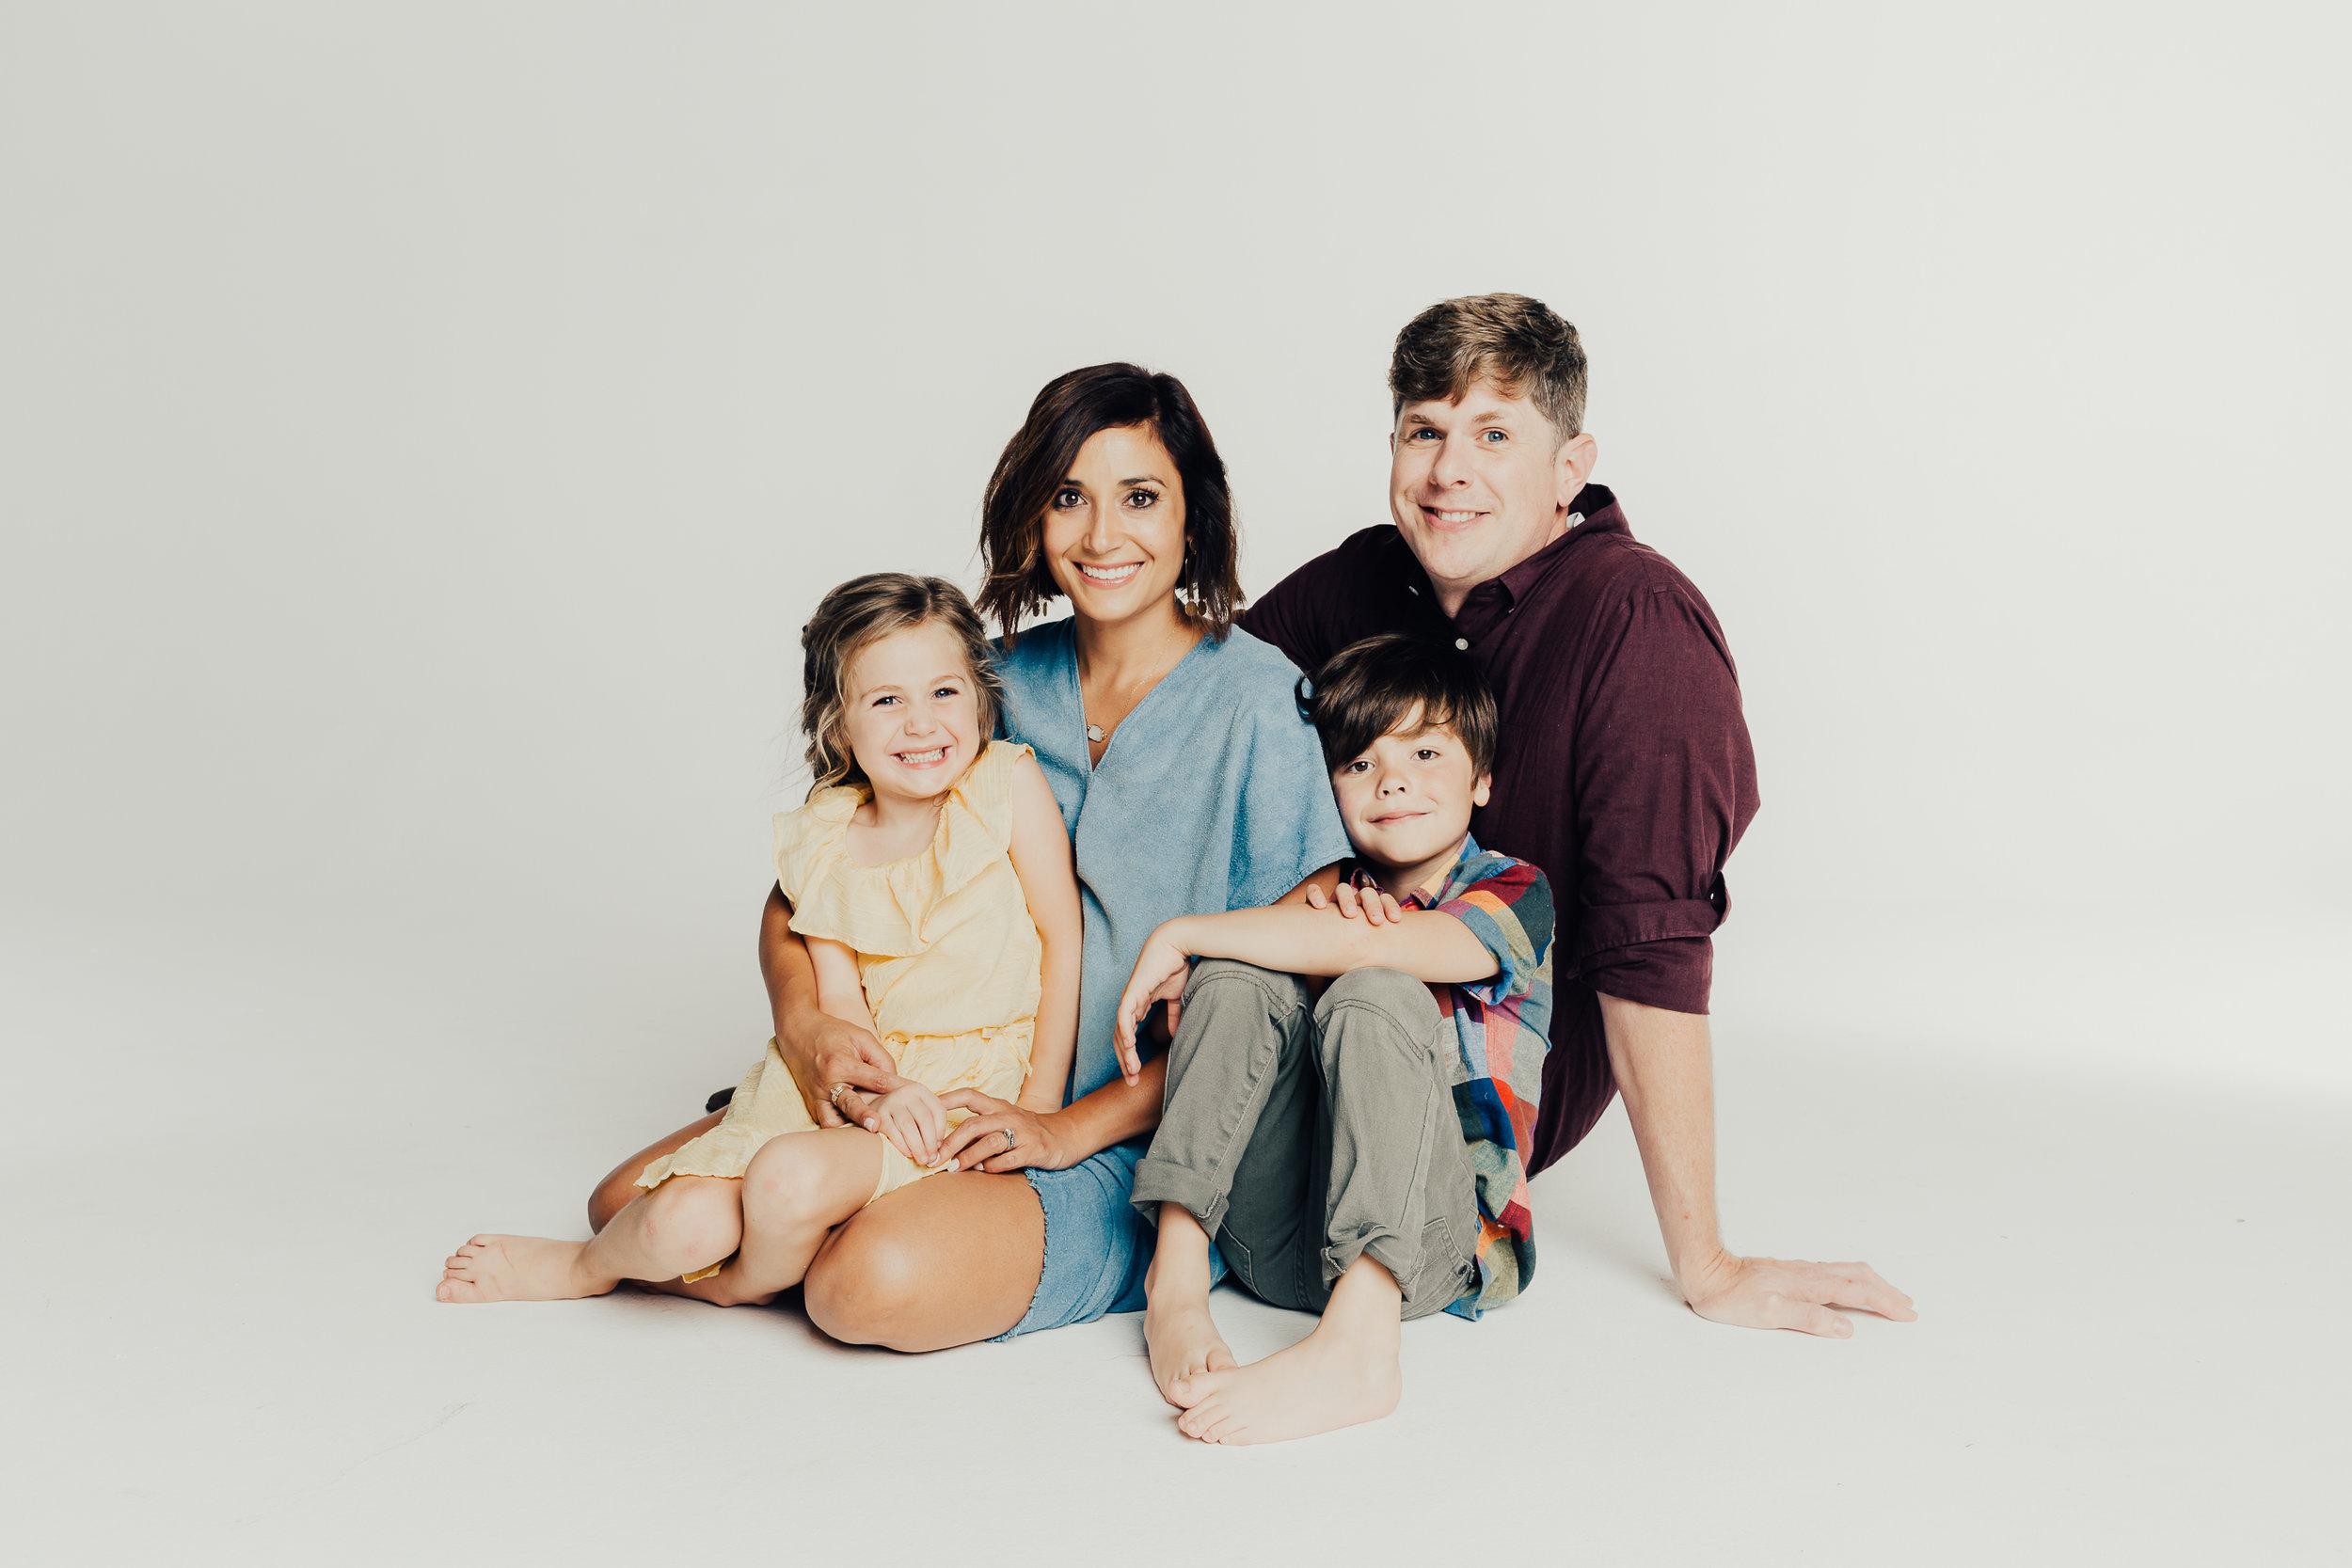 Gianna Keiko Atlanta Family Studio Portrait Photographer-53.jpg